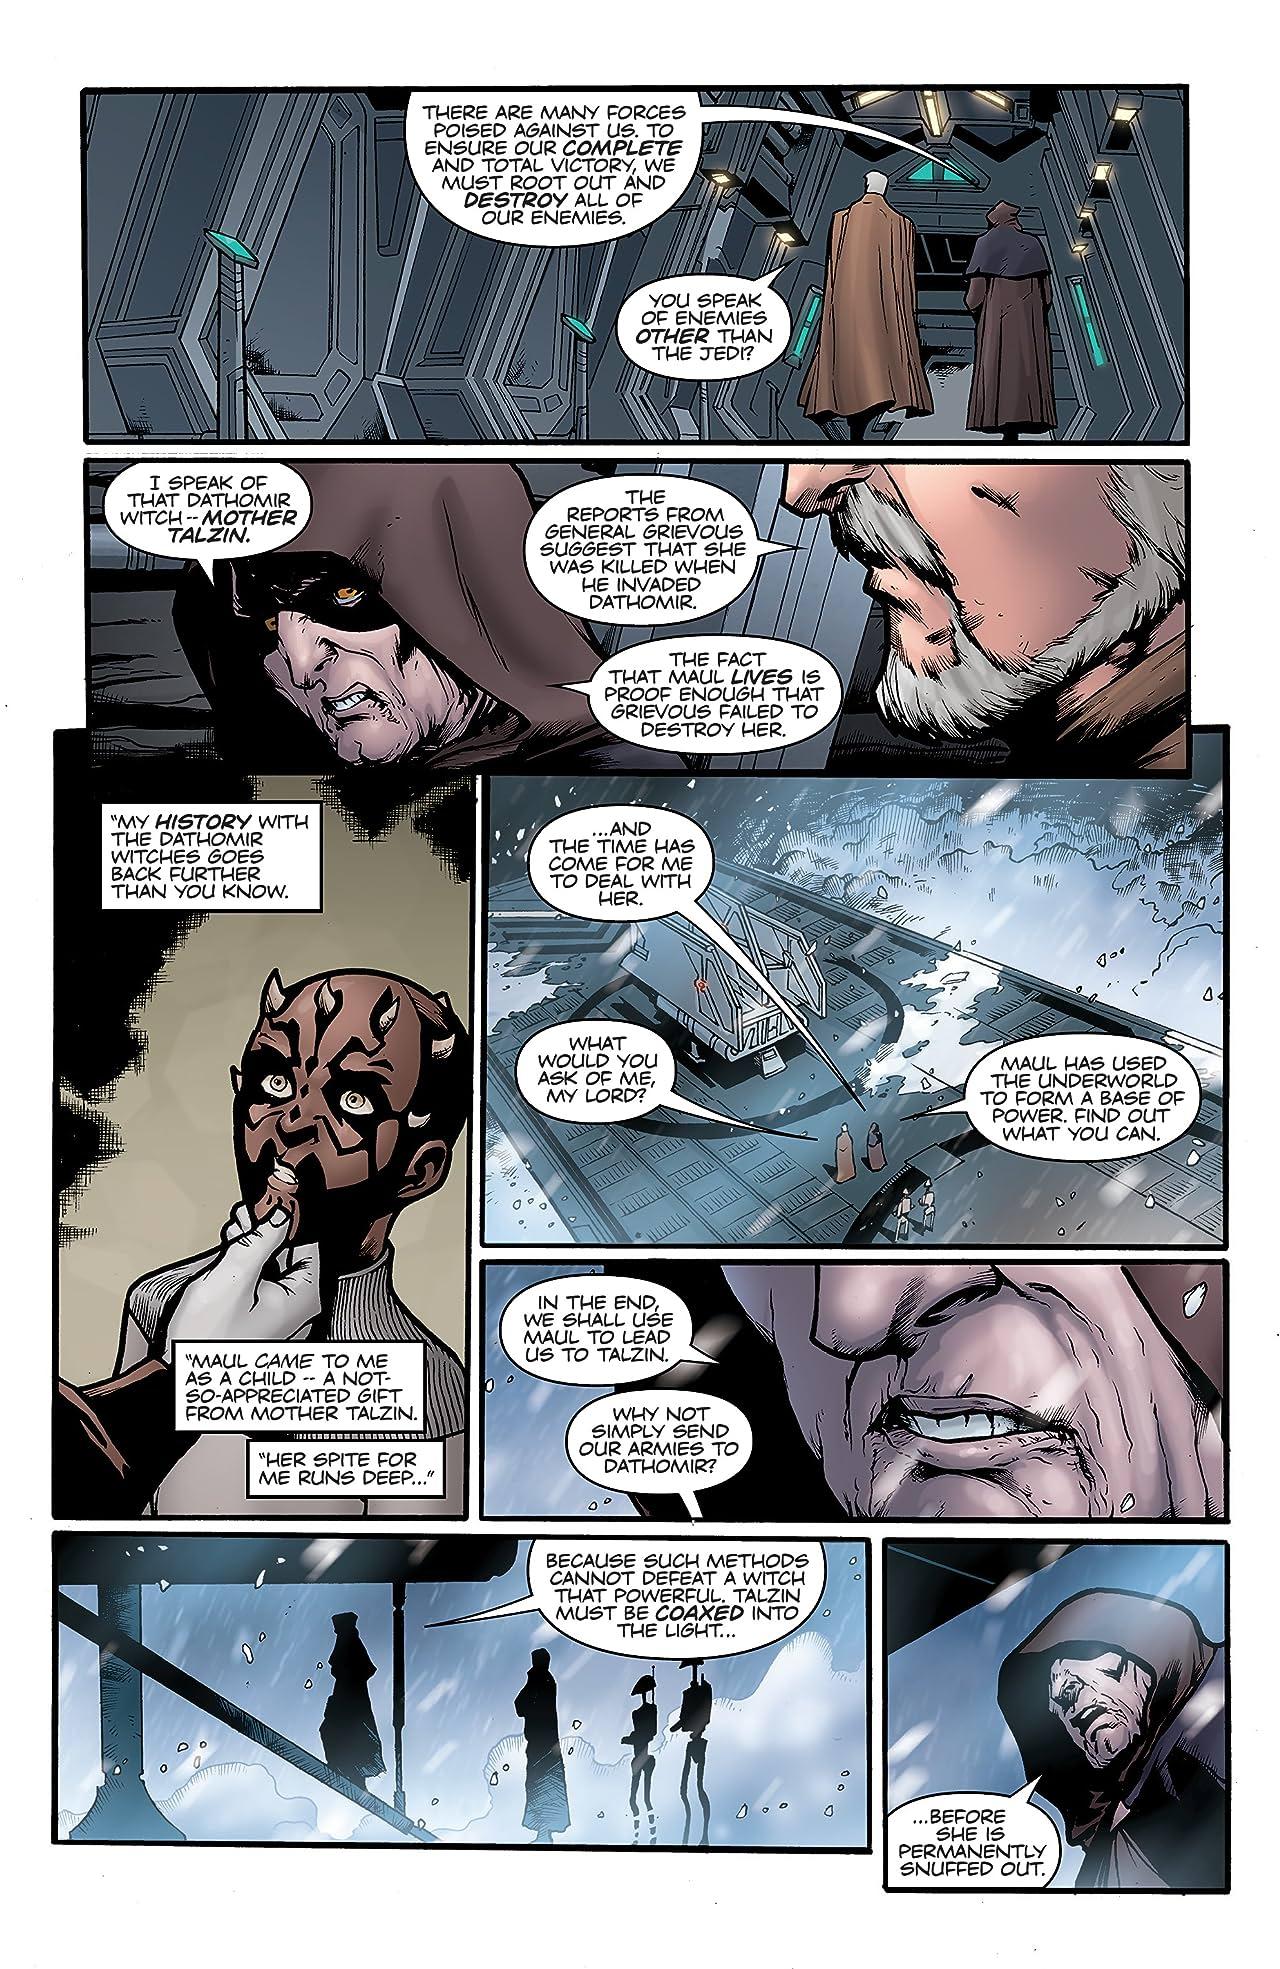 Star Wars: Darth Maul - Son of Dathomir